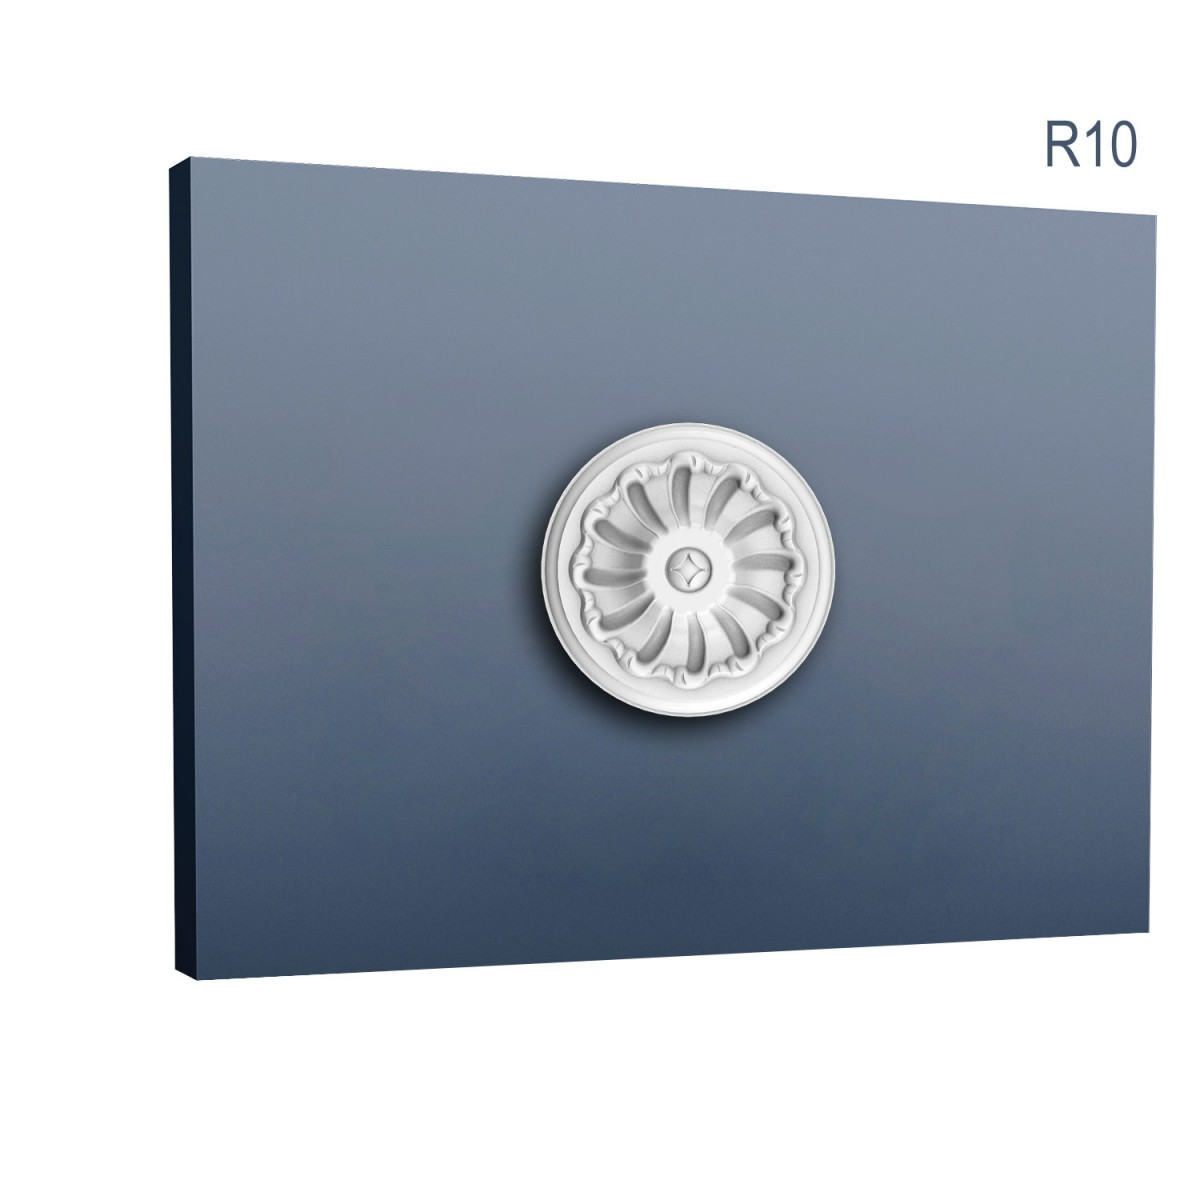 Rozeta Luxxus R10, Dimensiuni: diam. 15 cm (H: 4,2 cm), Orac Decor